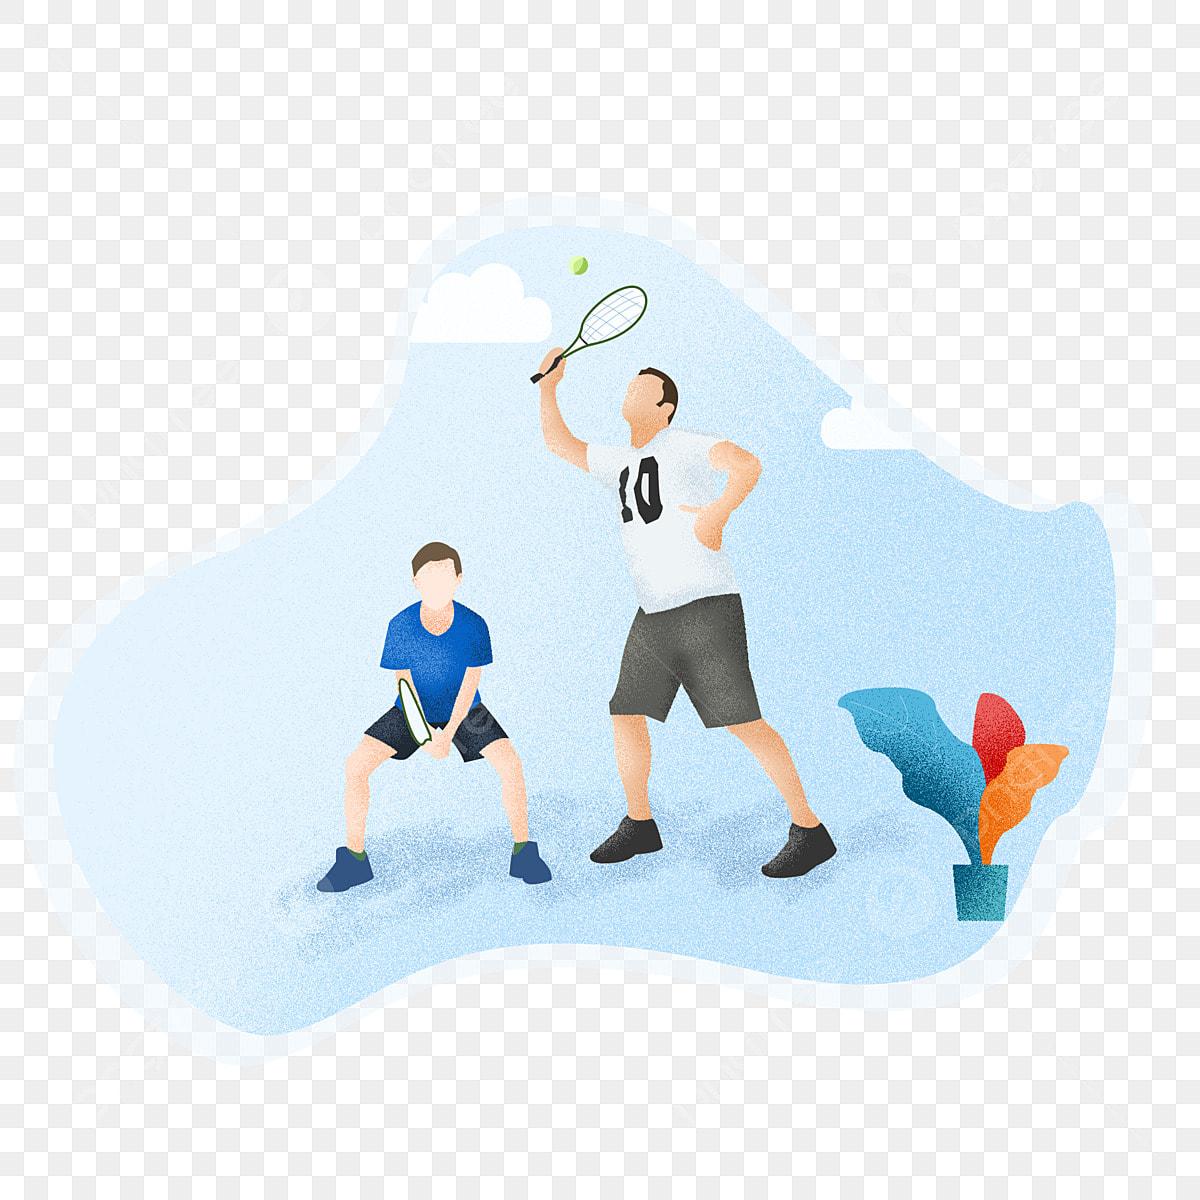 テニス イラスト スポーツ スポーツイラスト テクスチャ テニスの